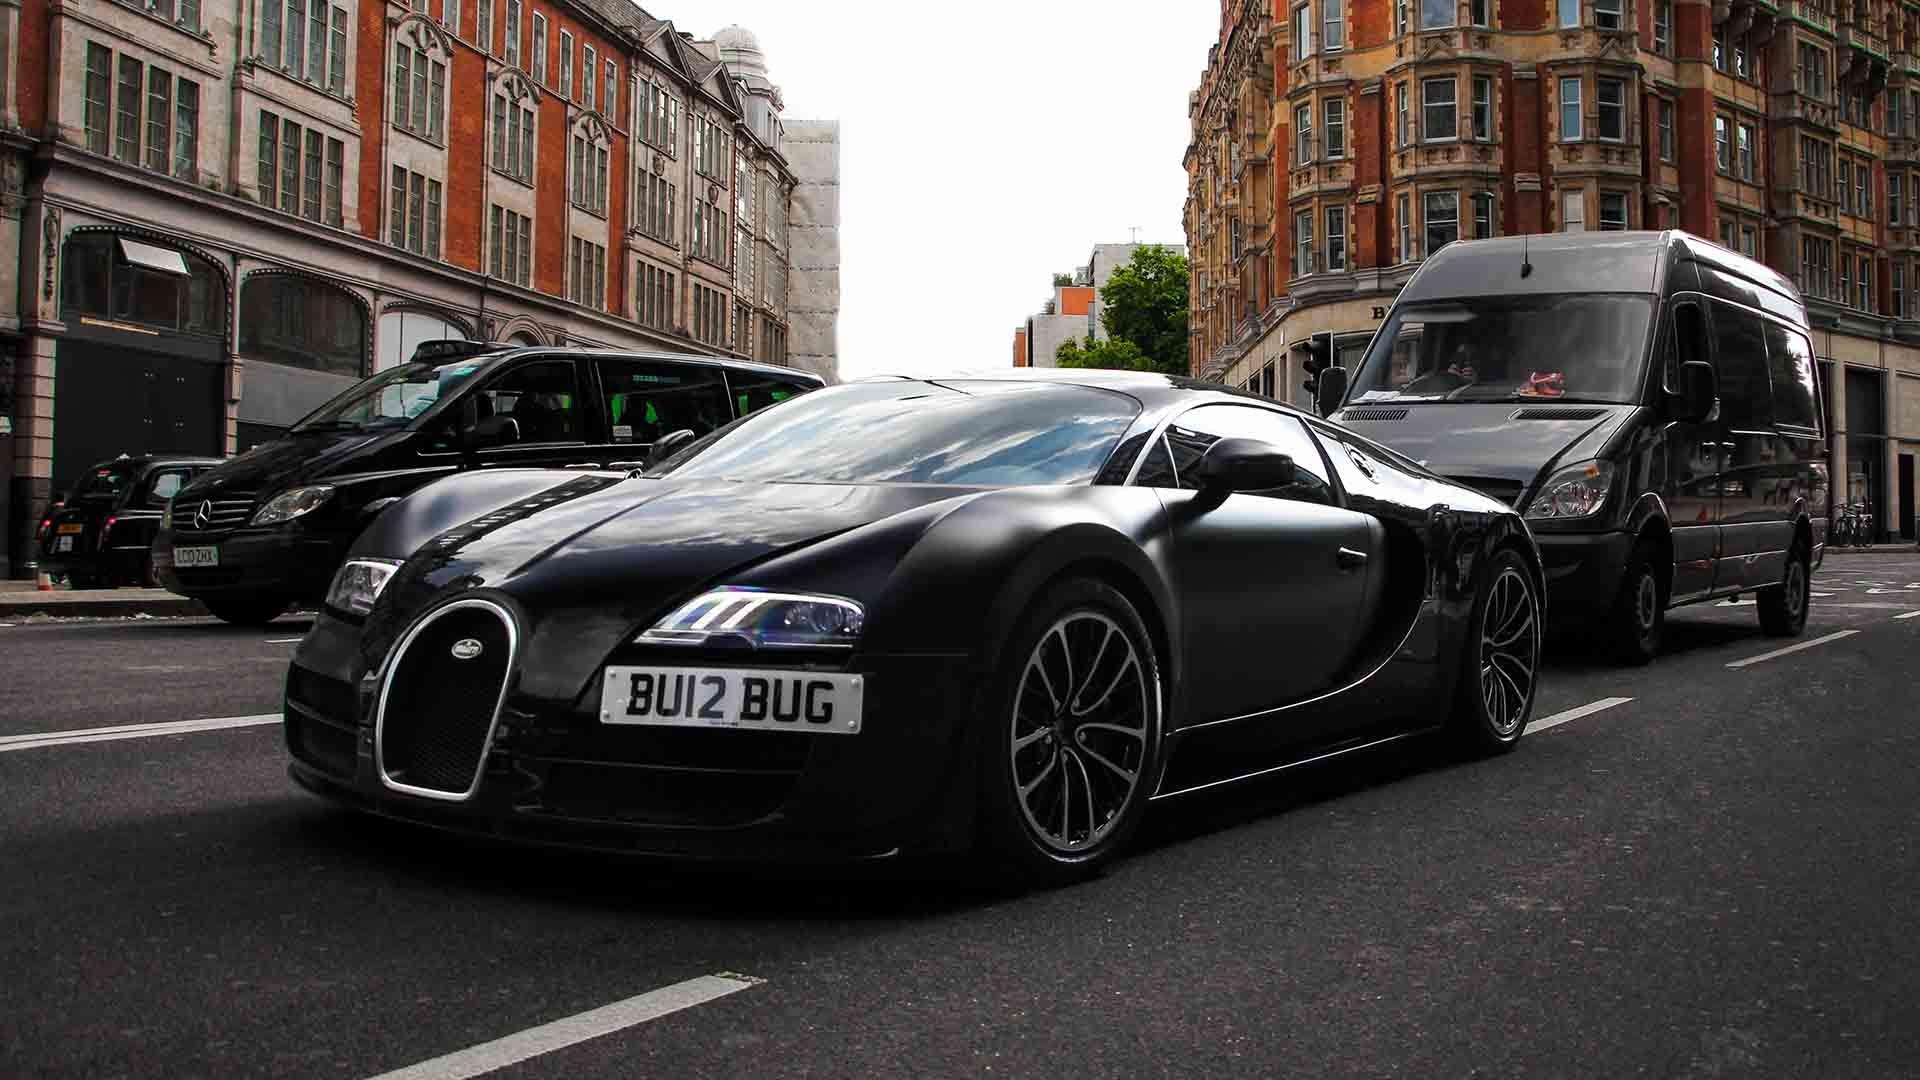 Bugatti Veyron in London